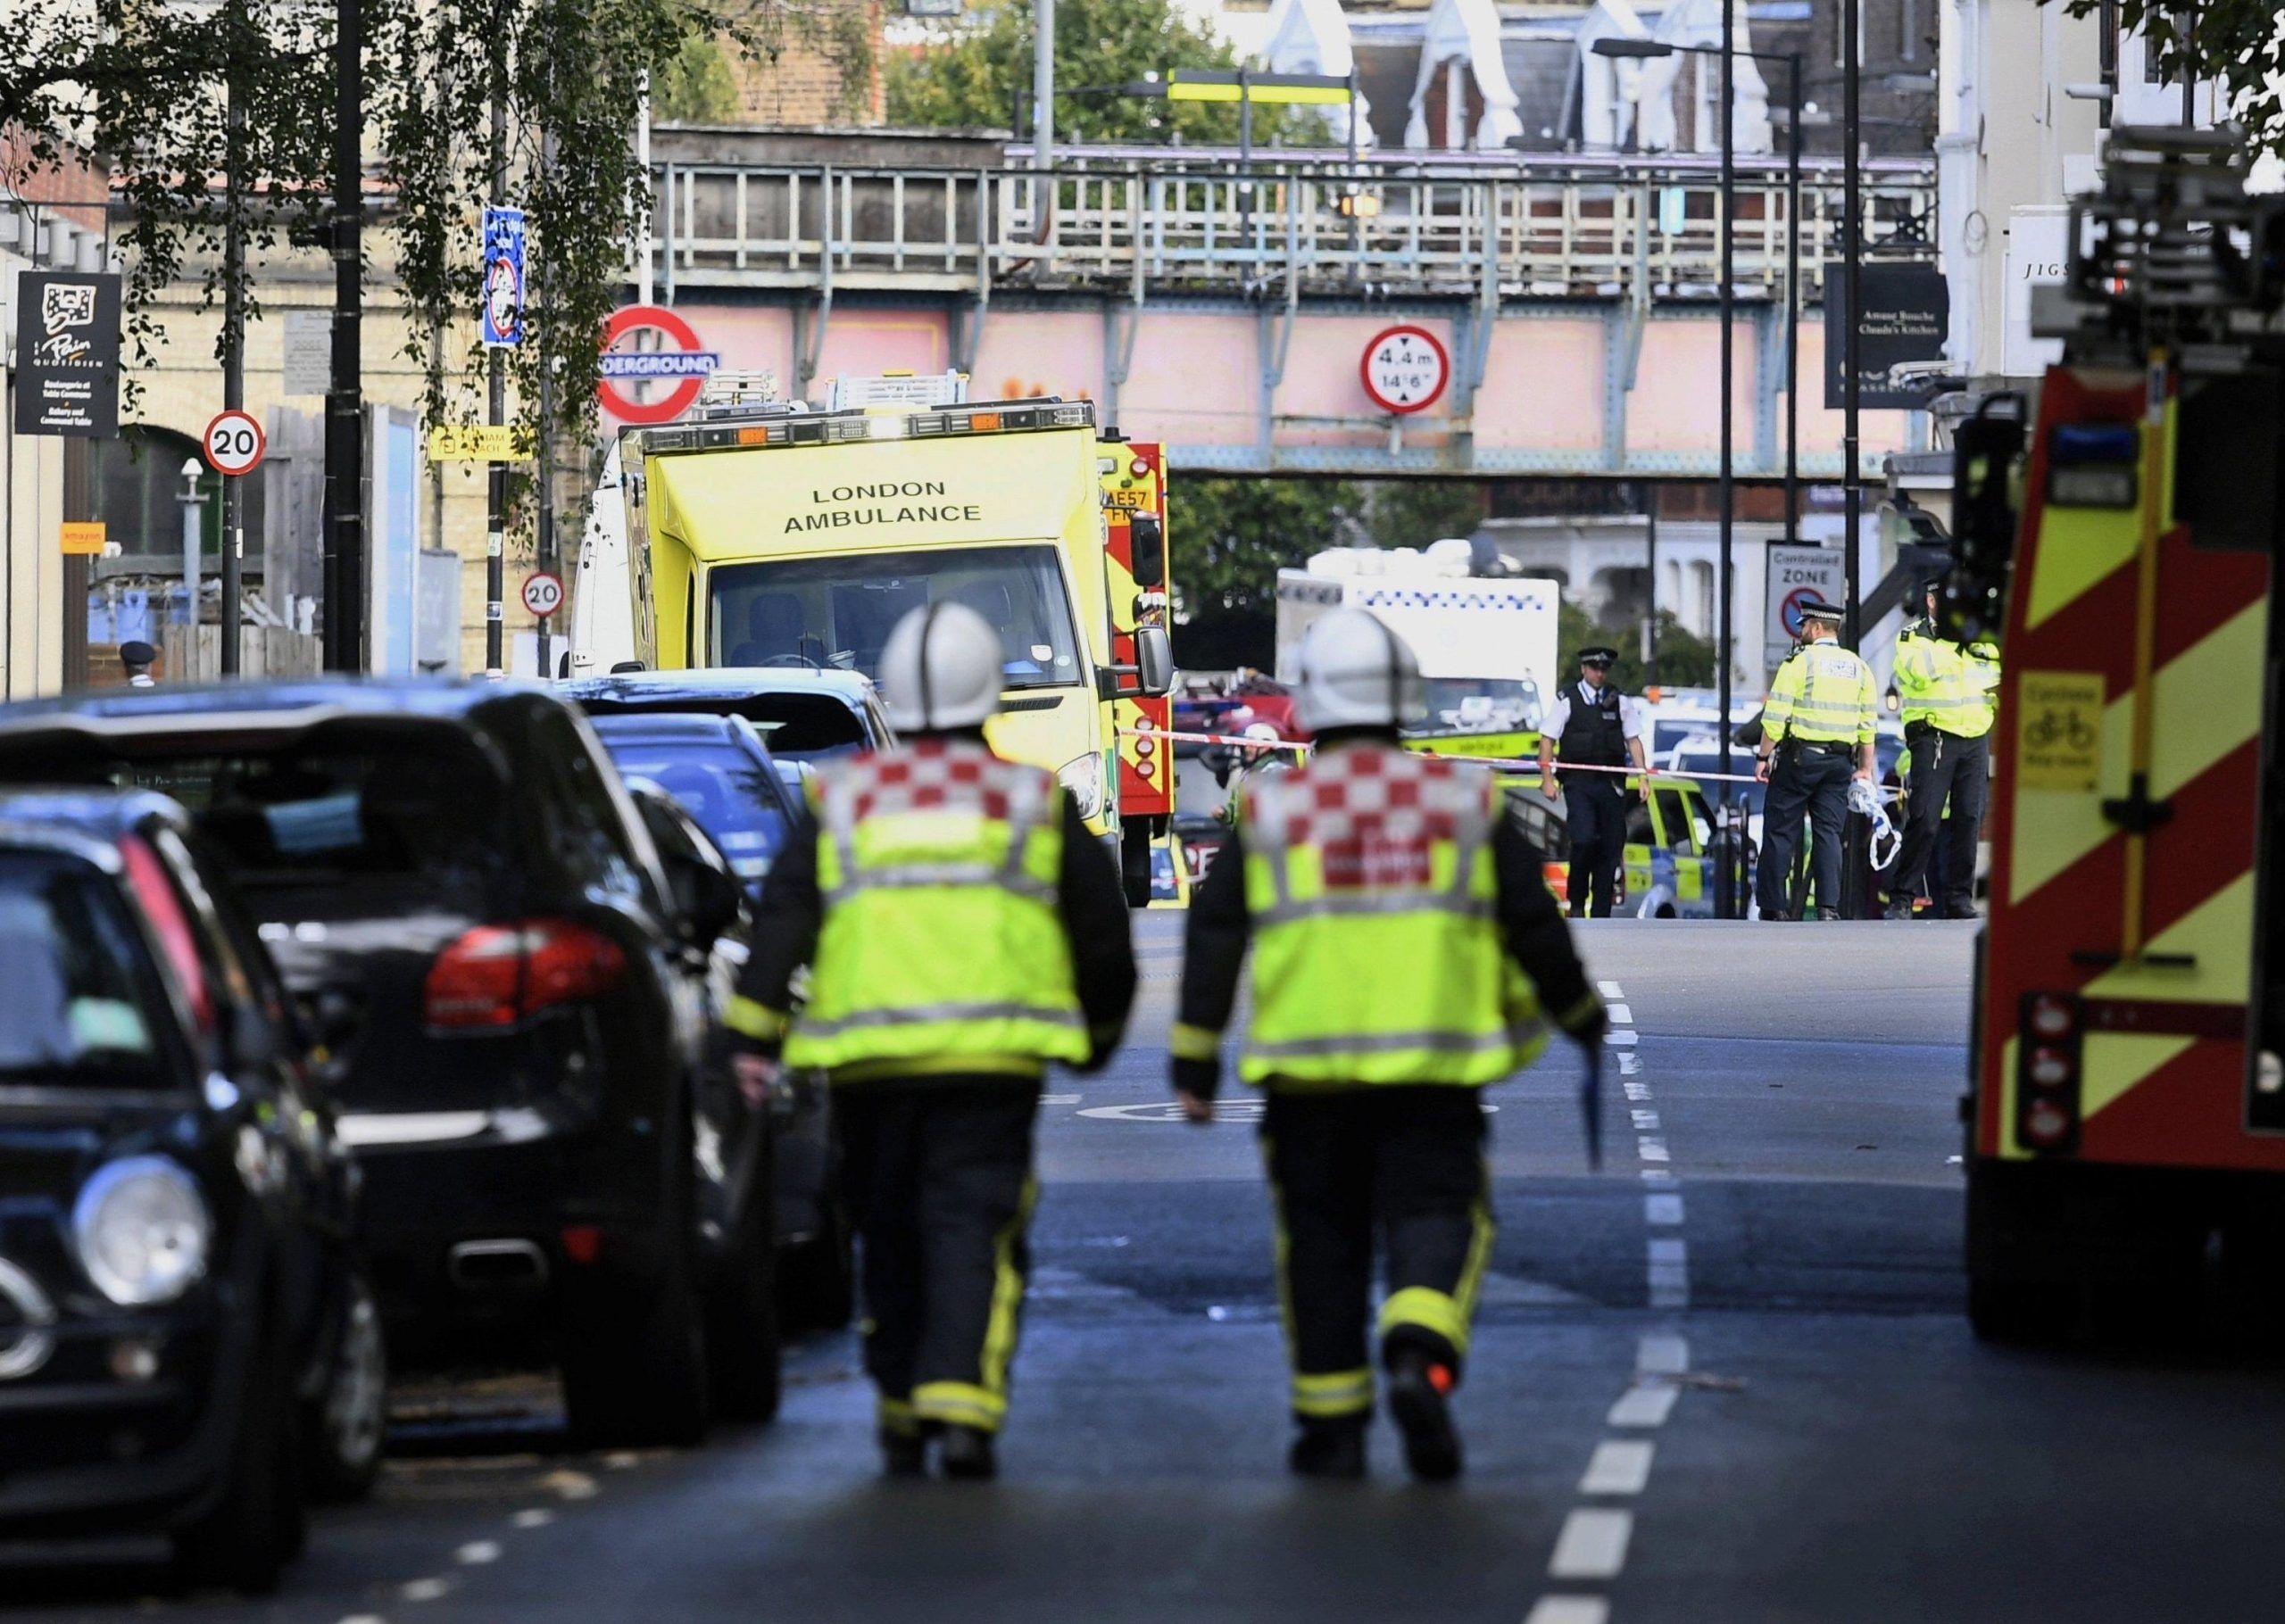 Bomba nella metropolitana di Londra, arrestati due sospetti